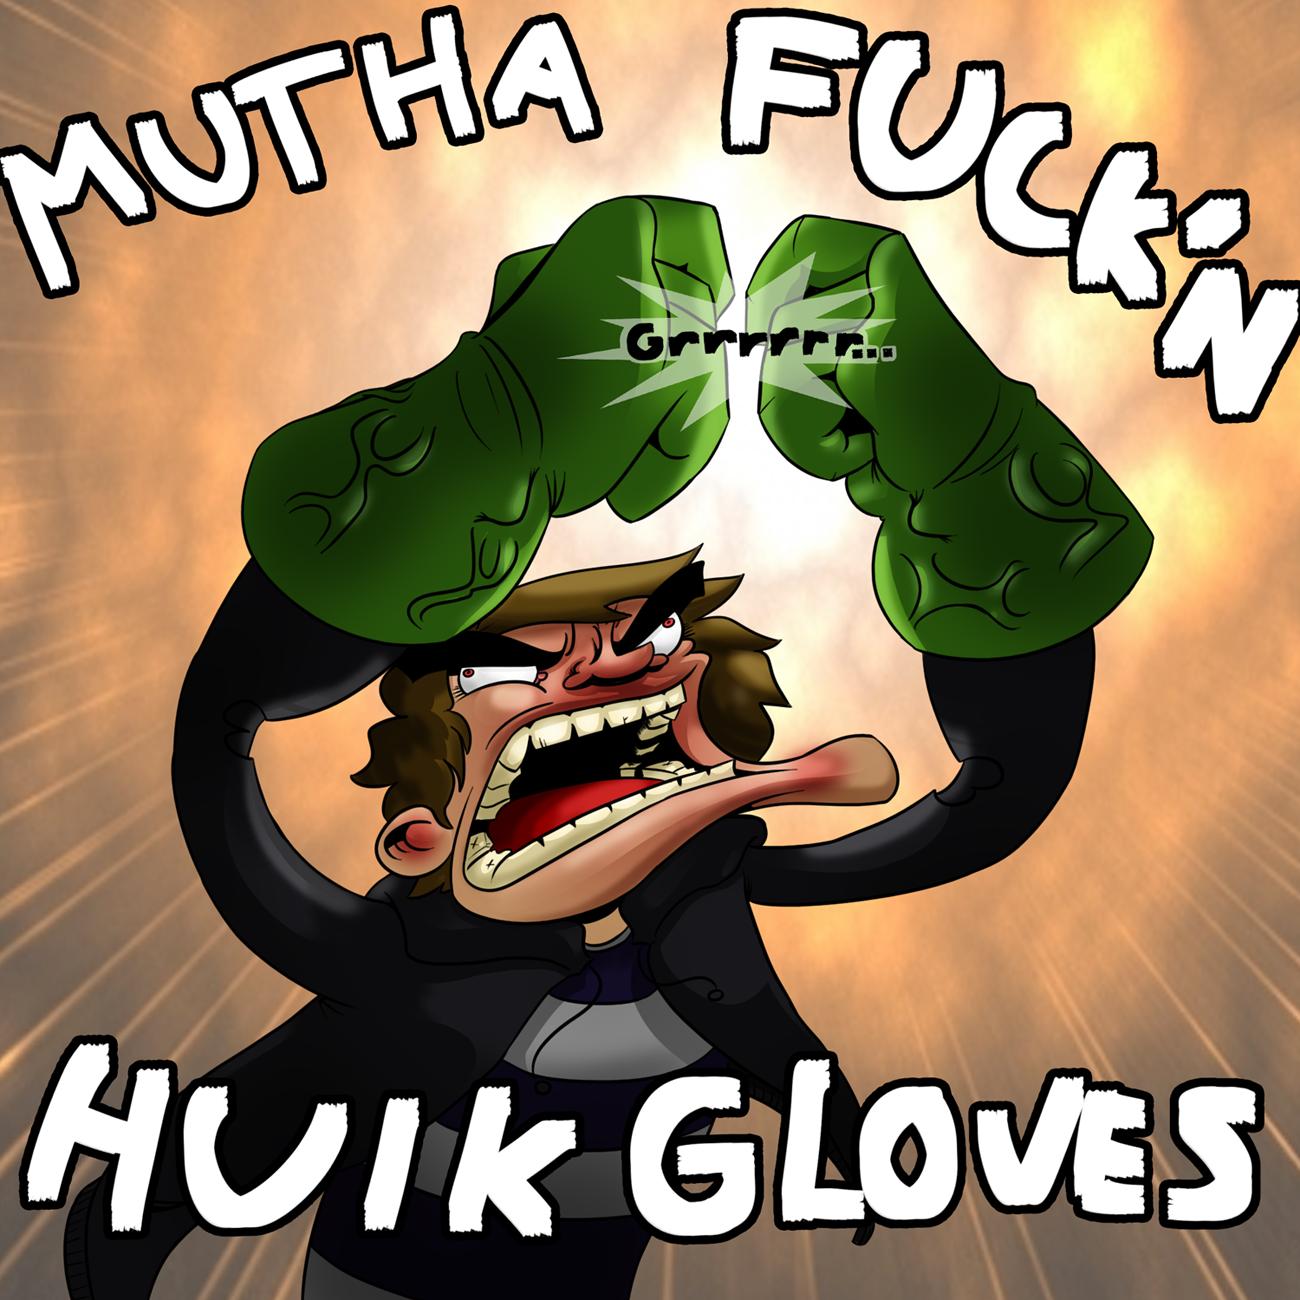 MUTHAFUCKIN'HULKGLOVES